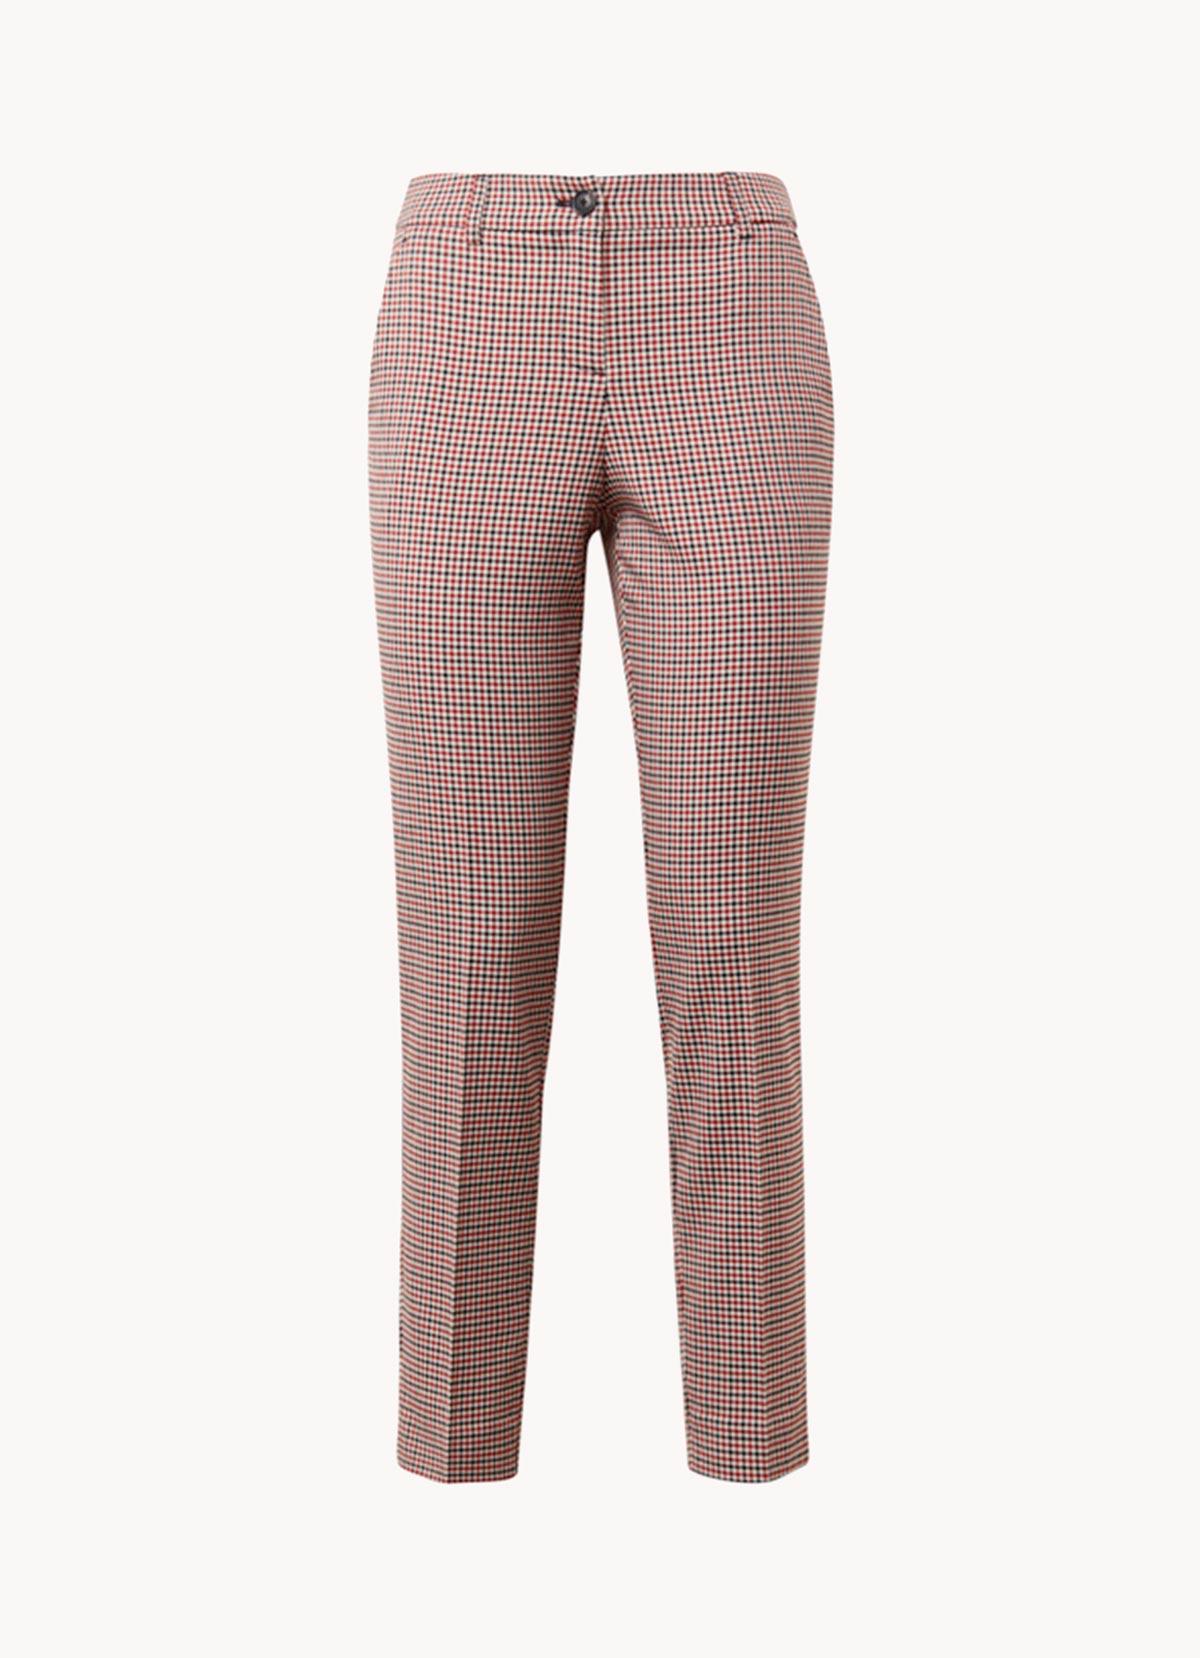 Le pantalon à carreaux coupe droite